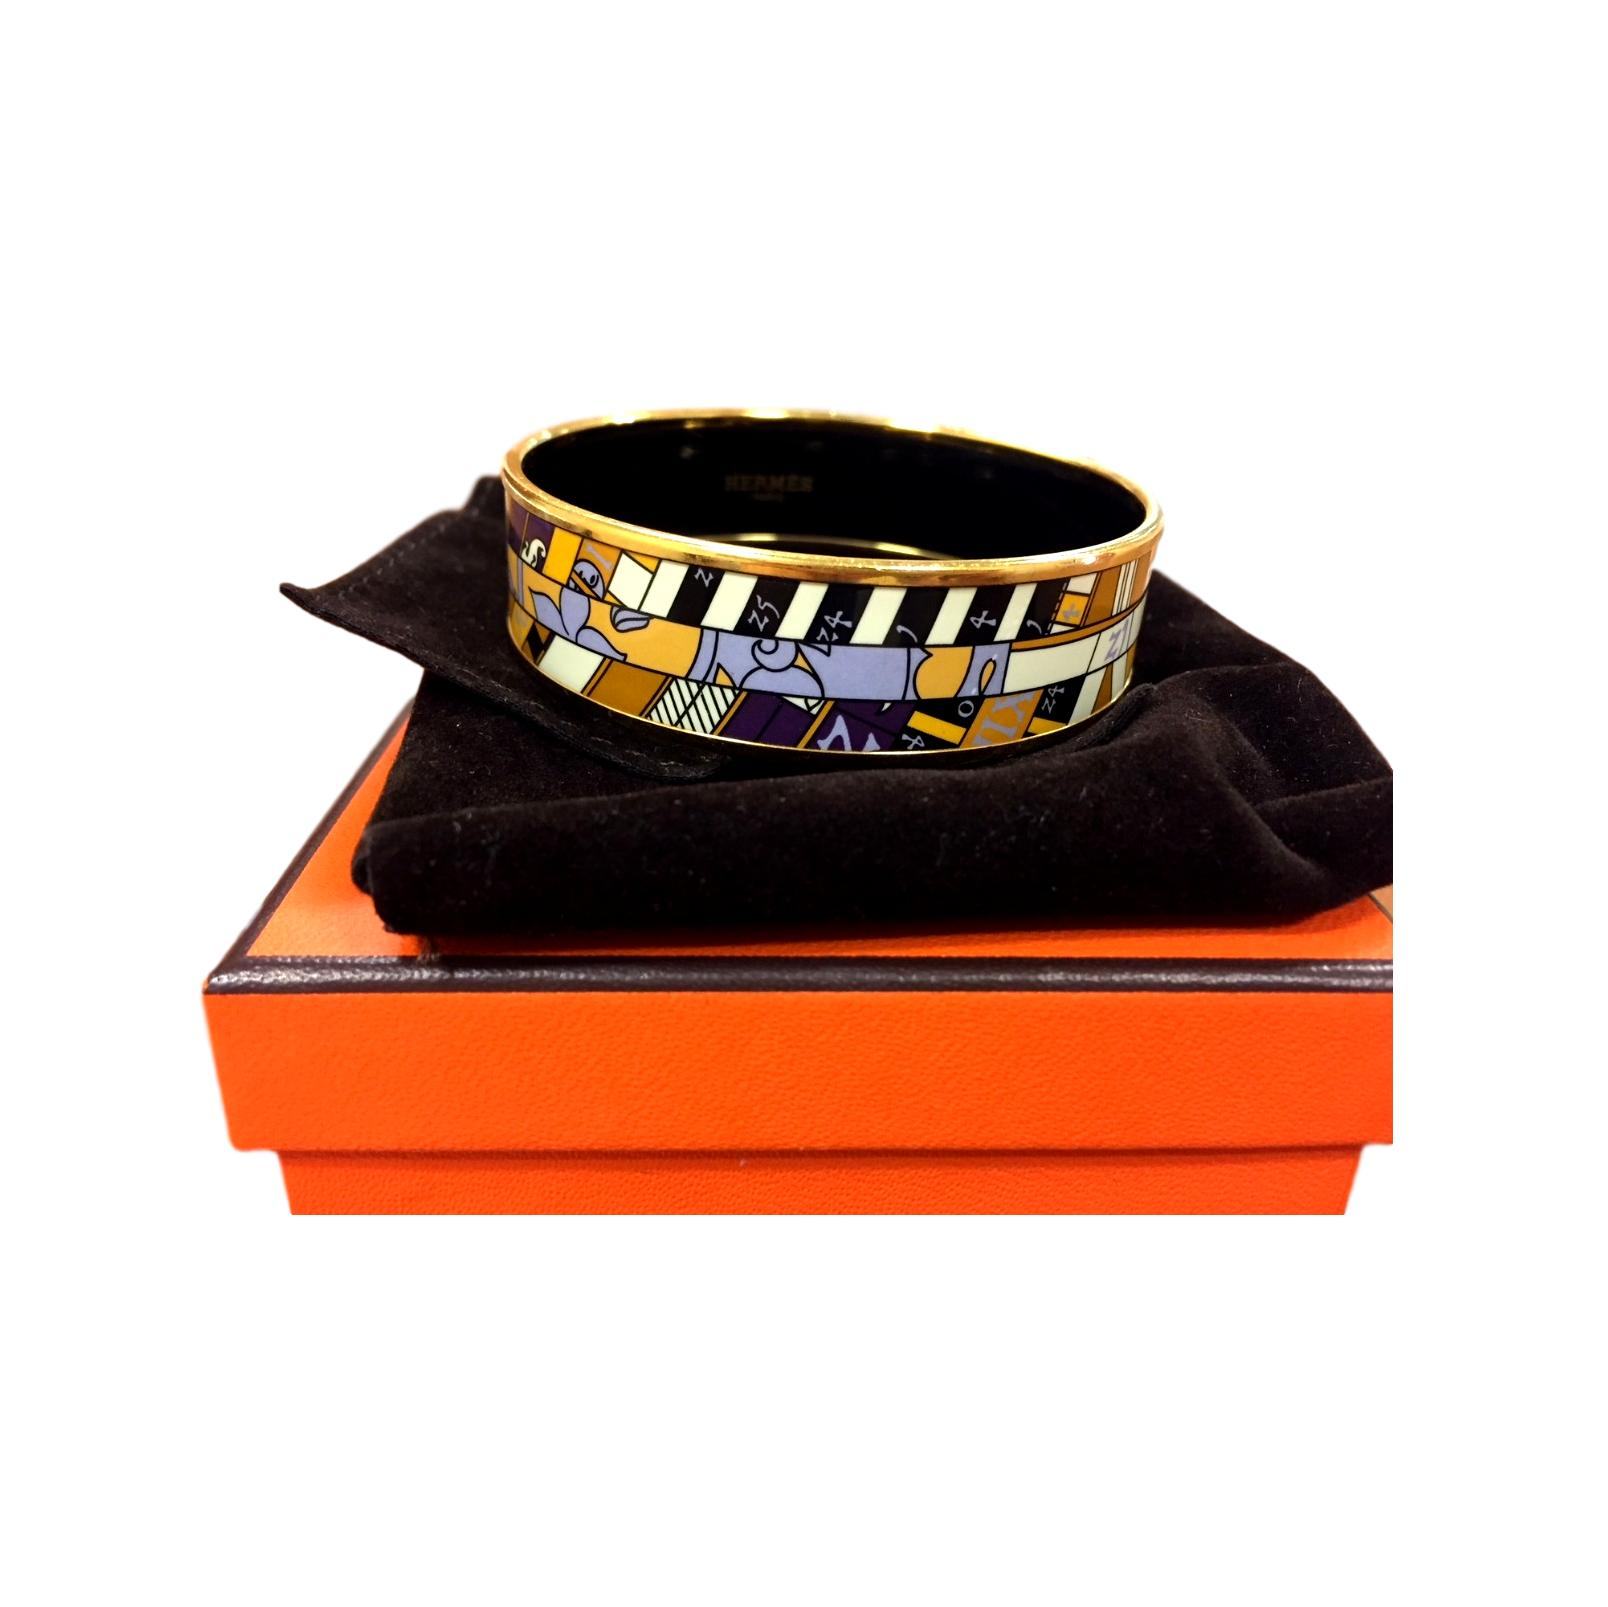 77ae030215ab Купить браслет Hermes за 12500 руб. в интернет магазине - бутике с ...